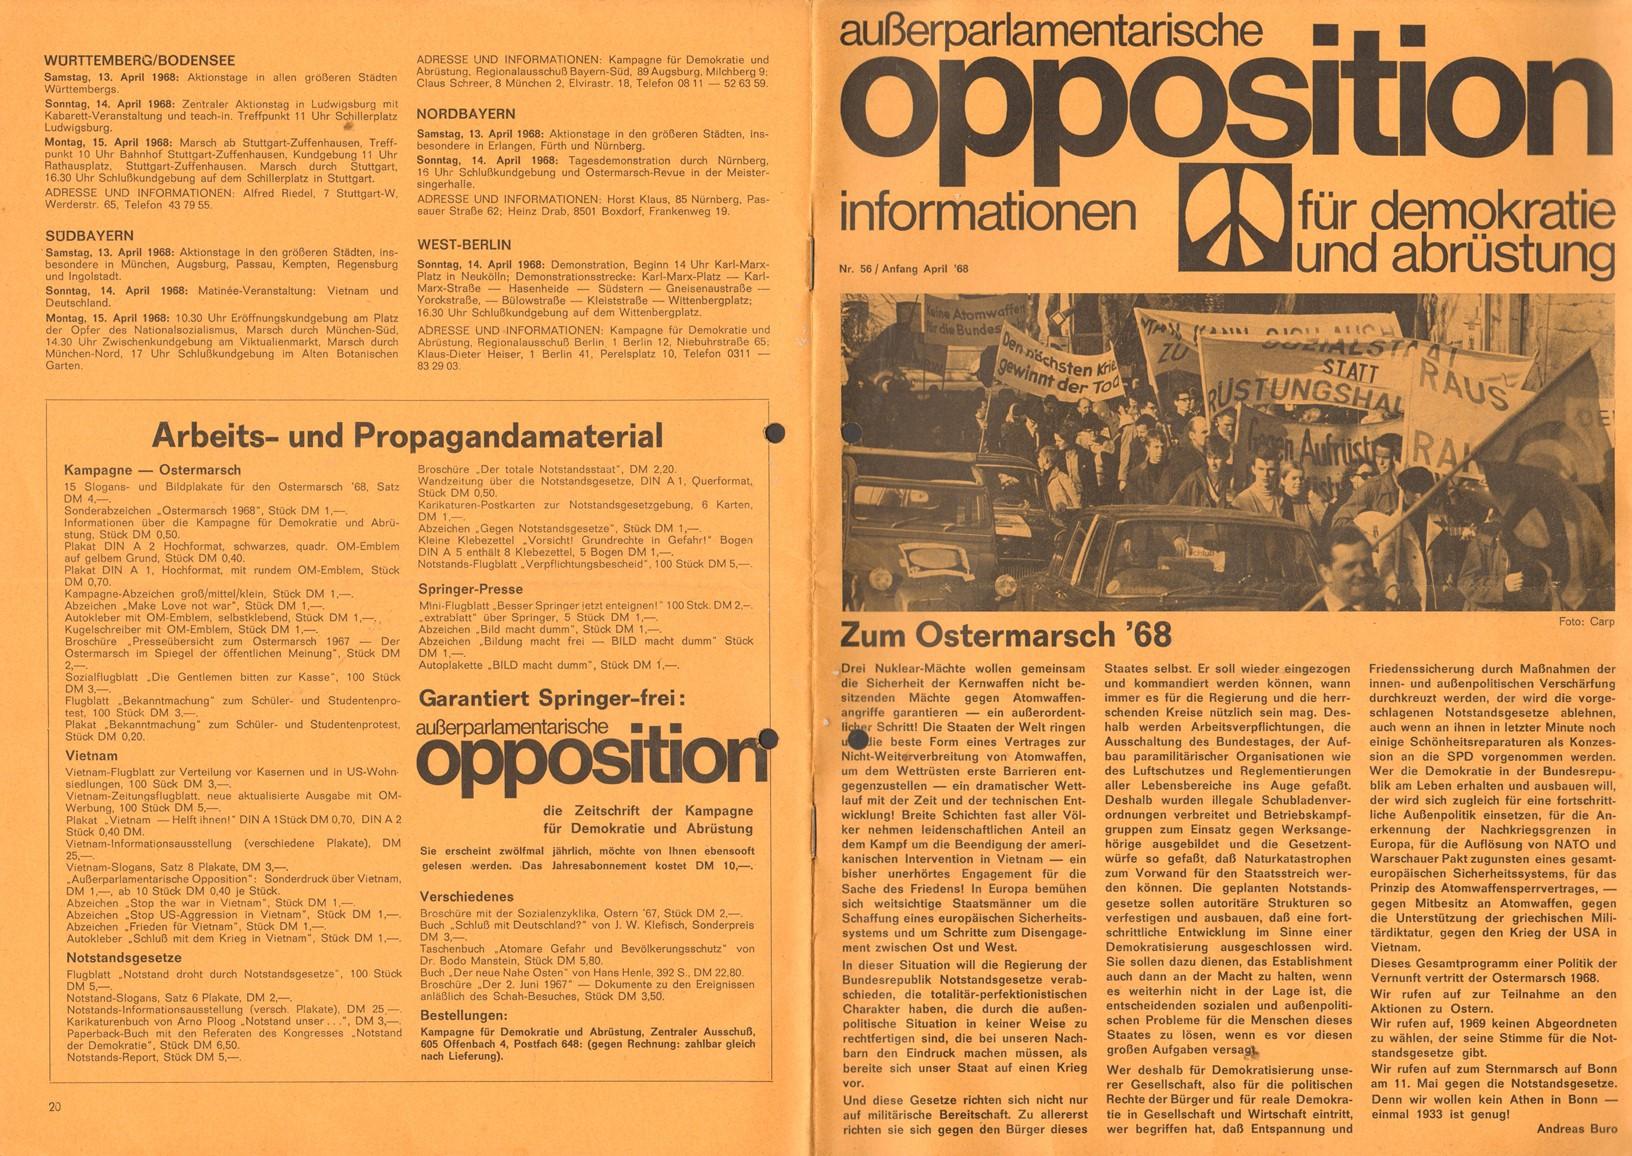 Informationen_zur_Abruestung_1968_056_001